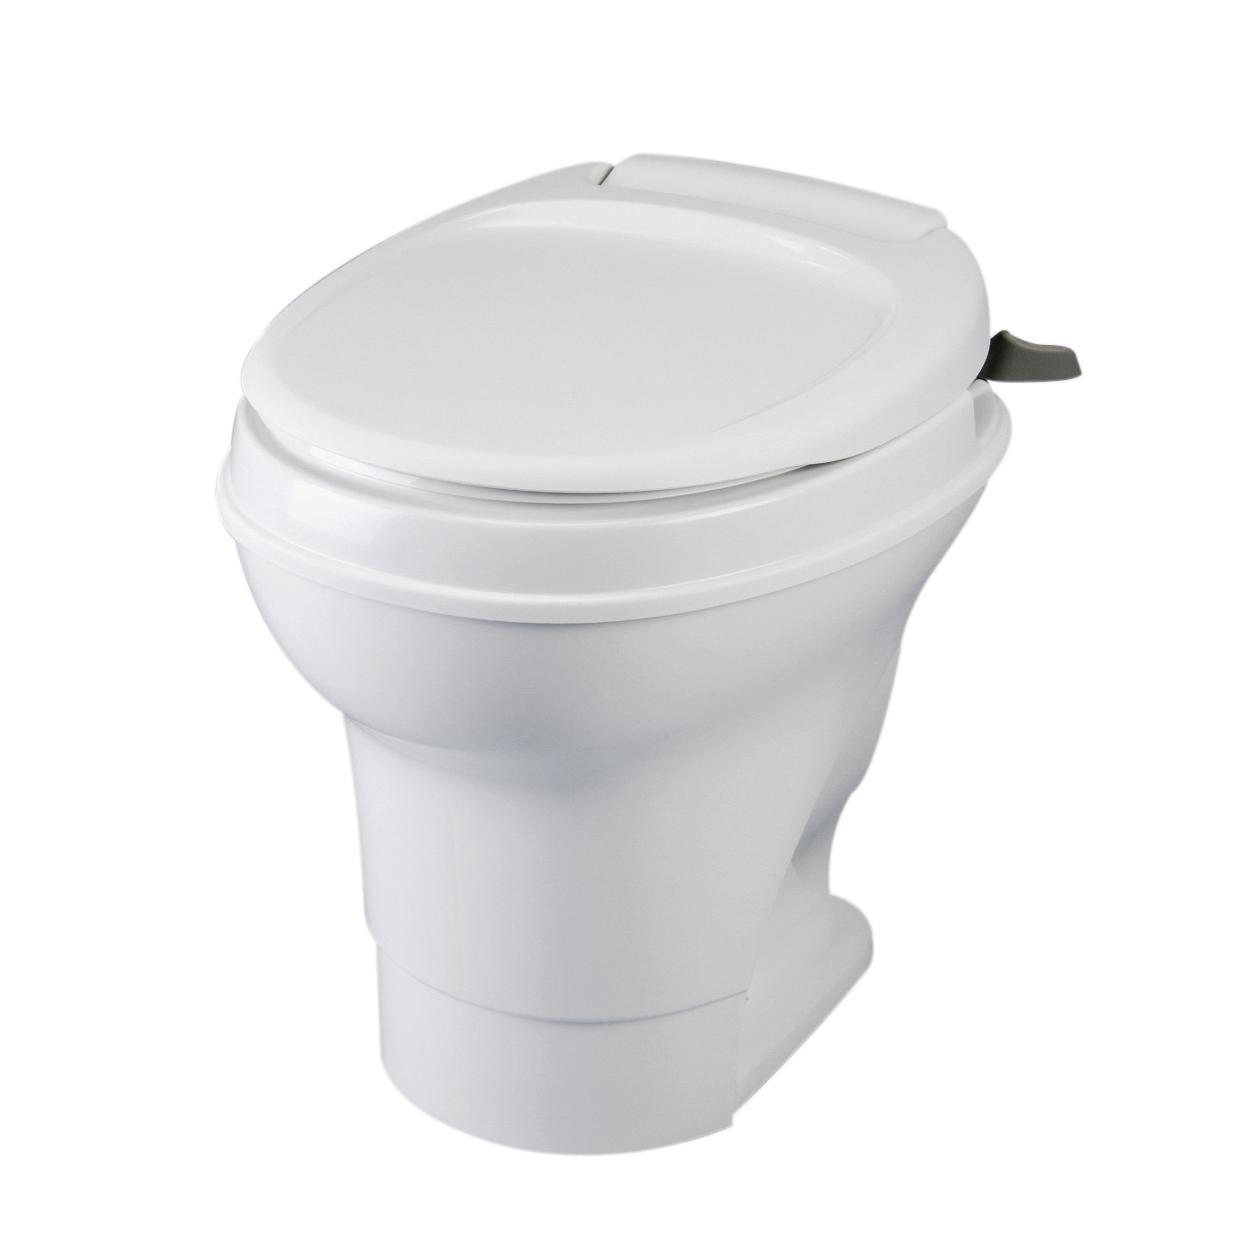 Thetford Chemický záchod Thetford Aqua Magic V/Bravura Aqua Magic V vysoký